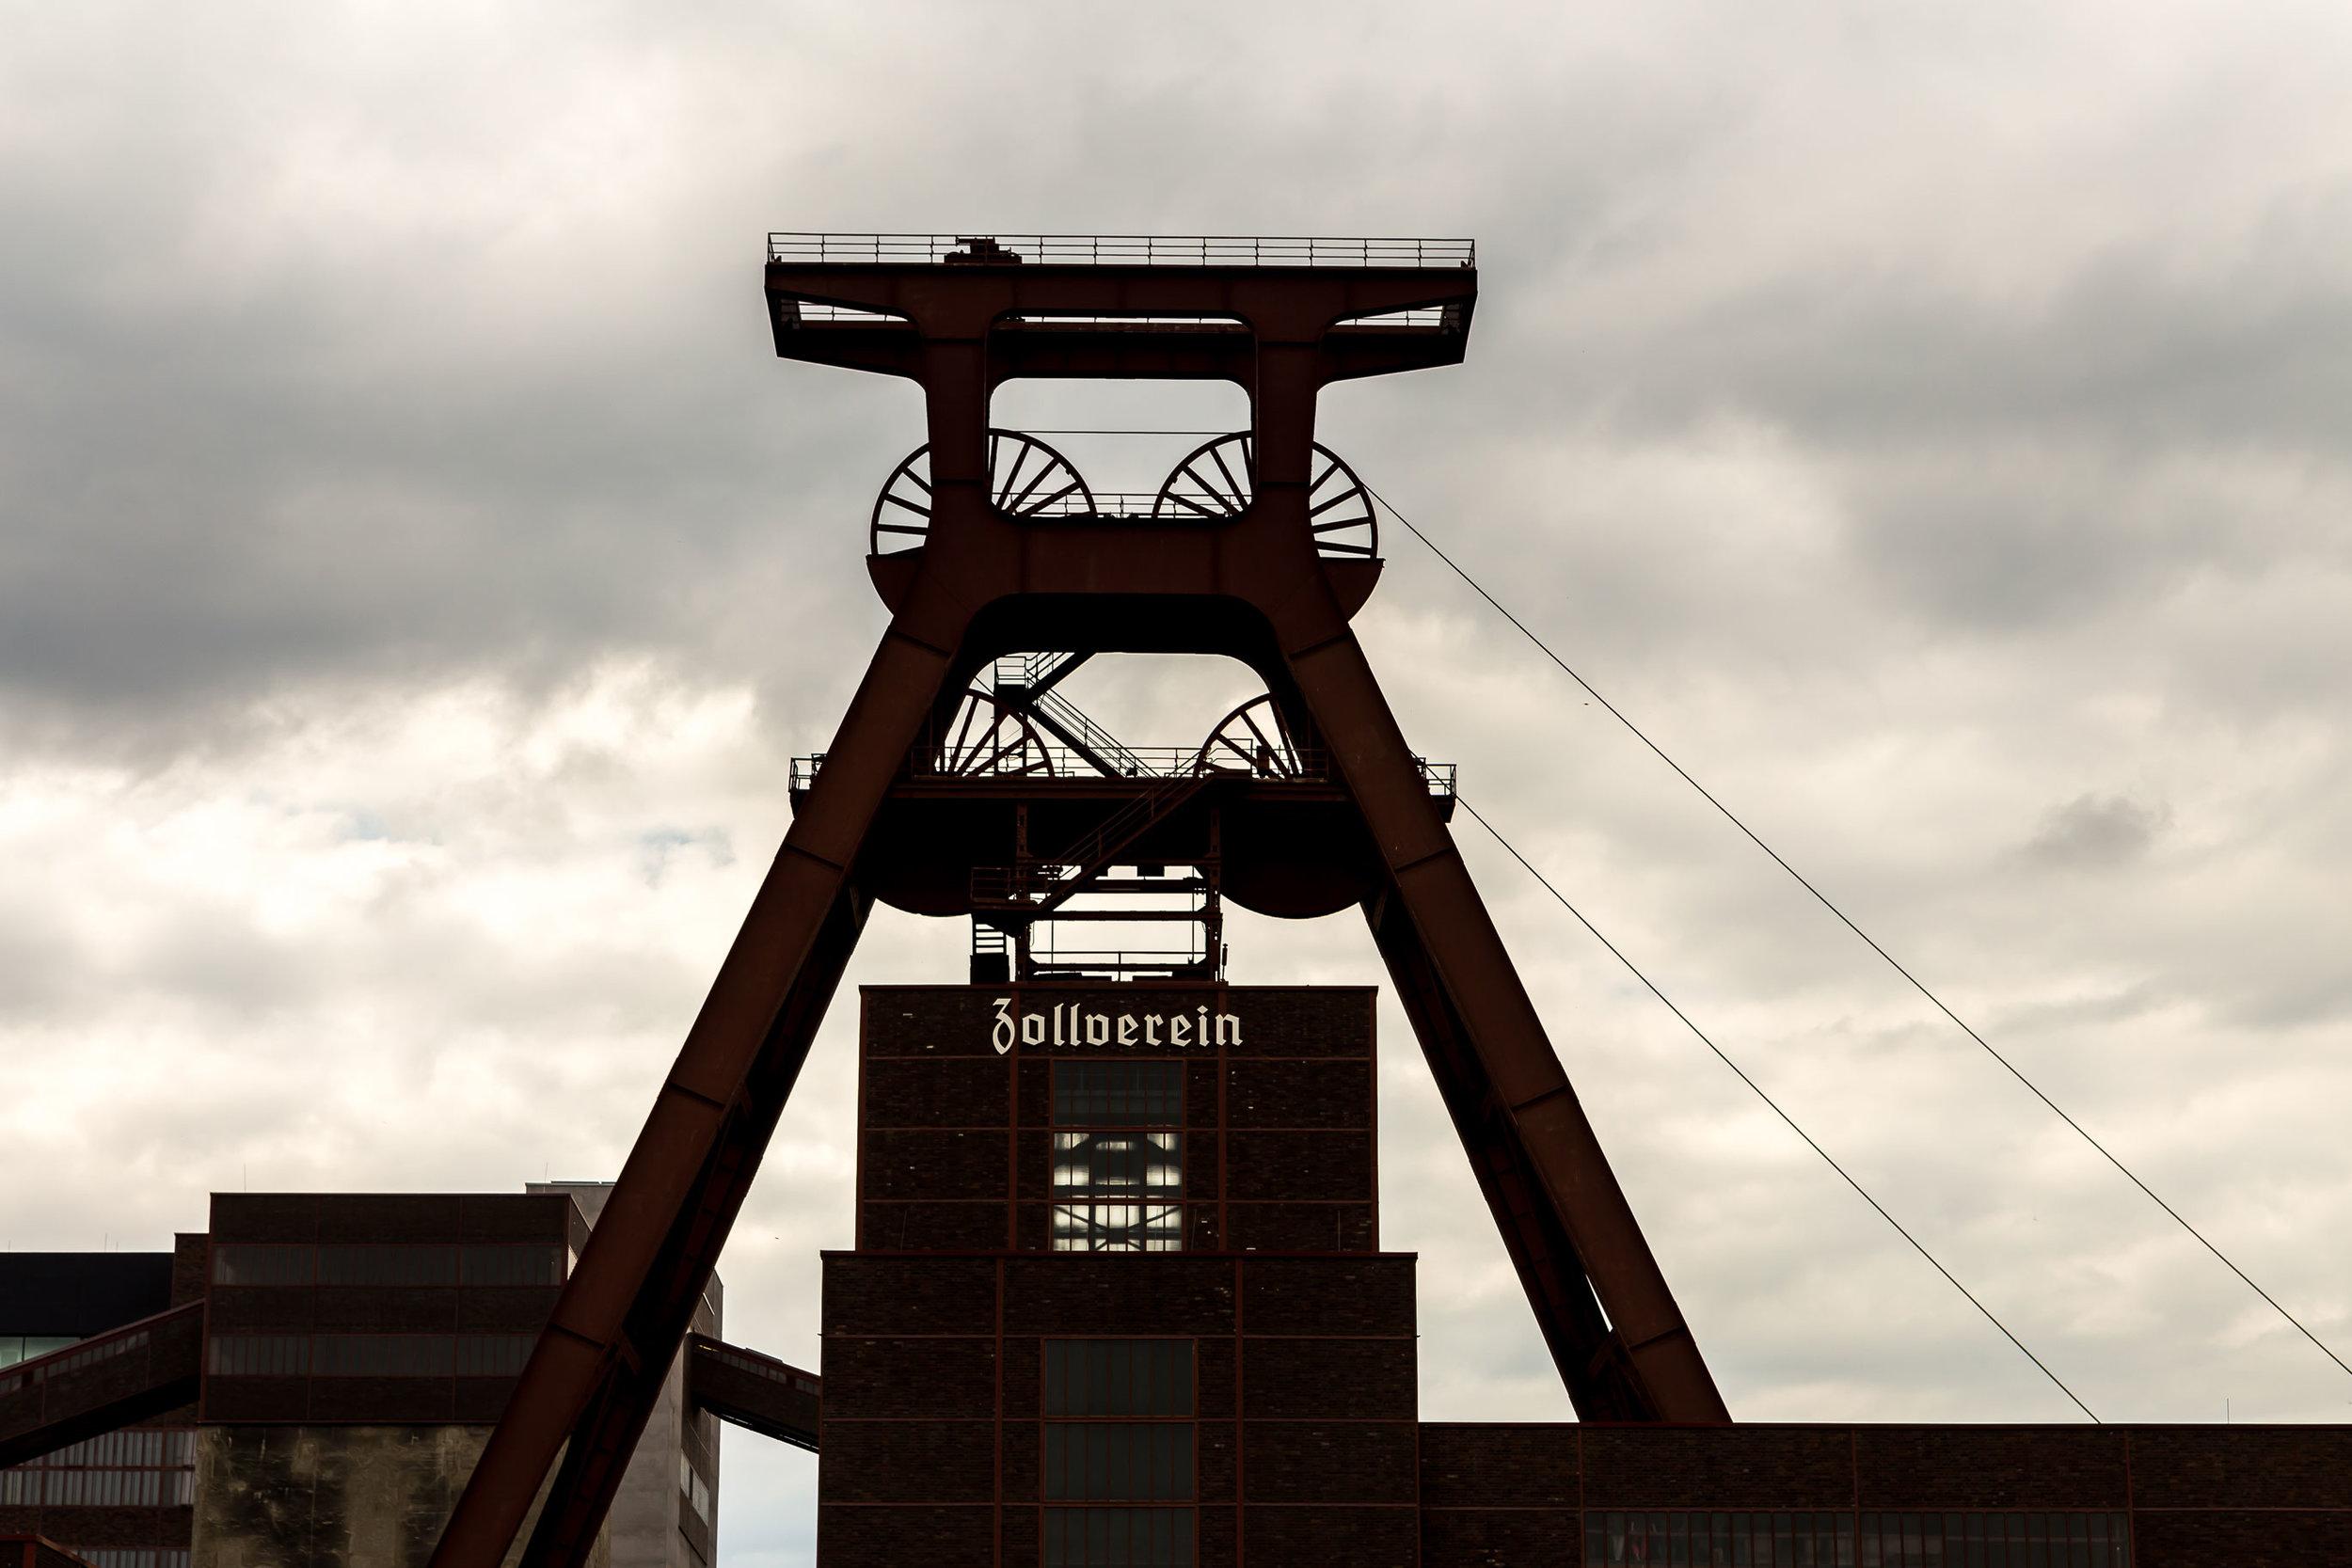 Zeche Zollverein Essen.jpg